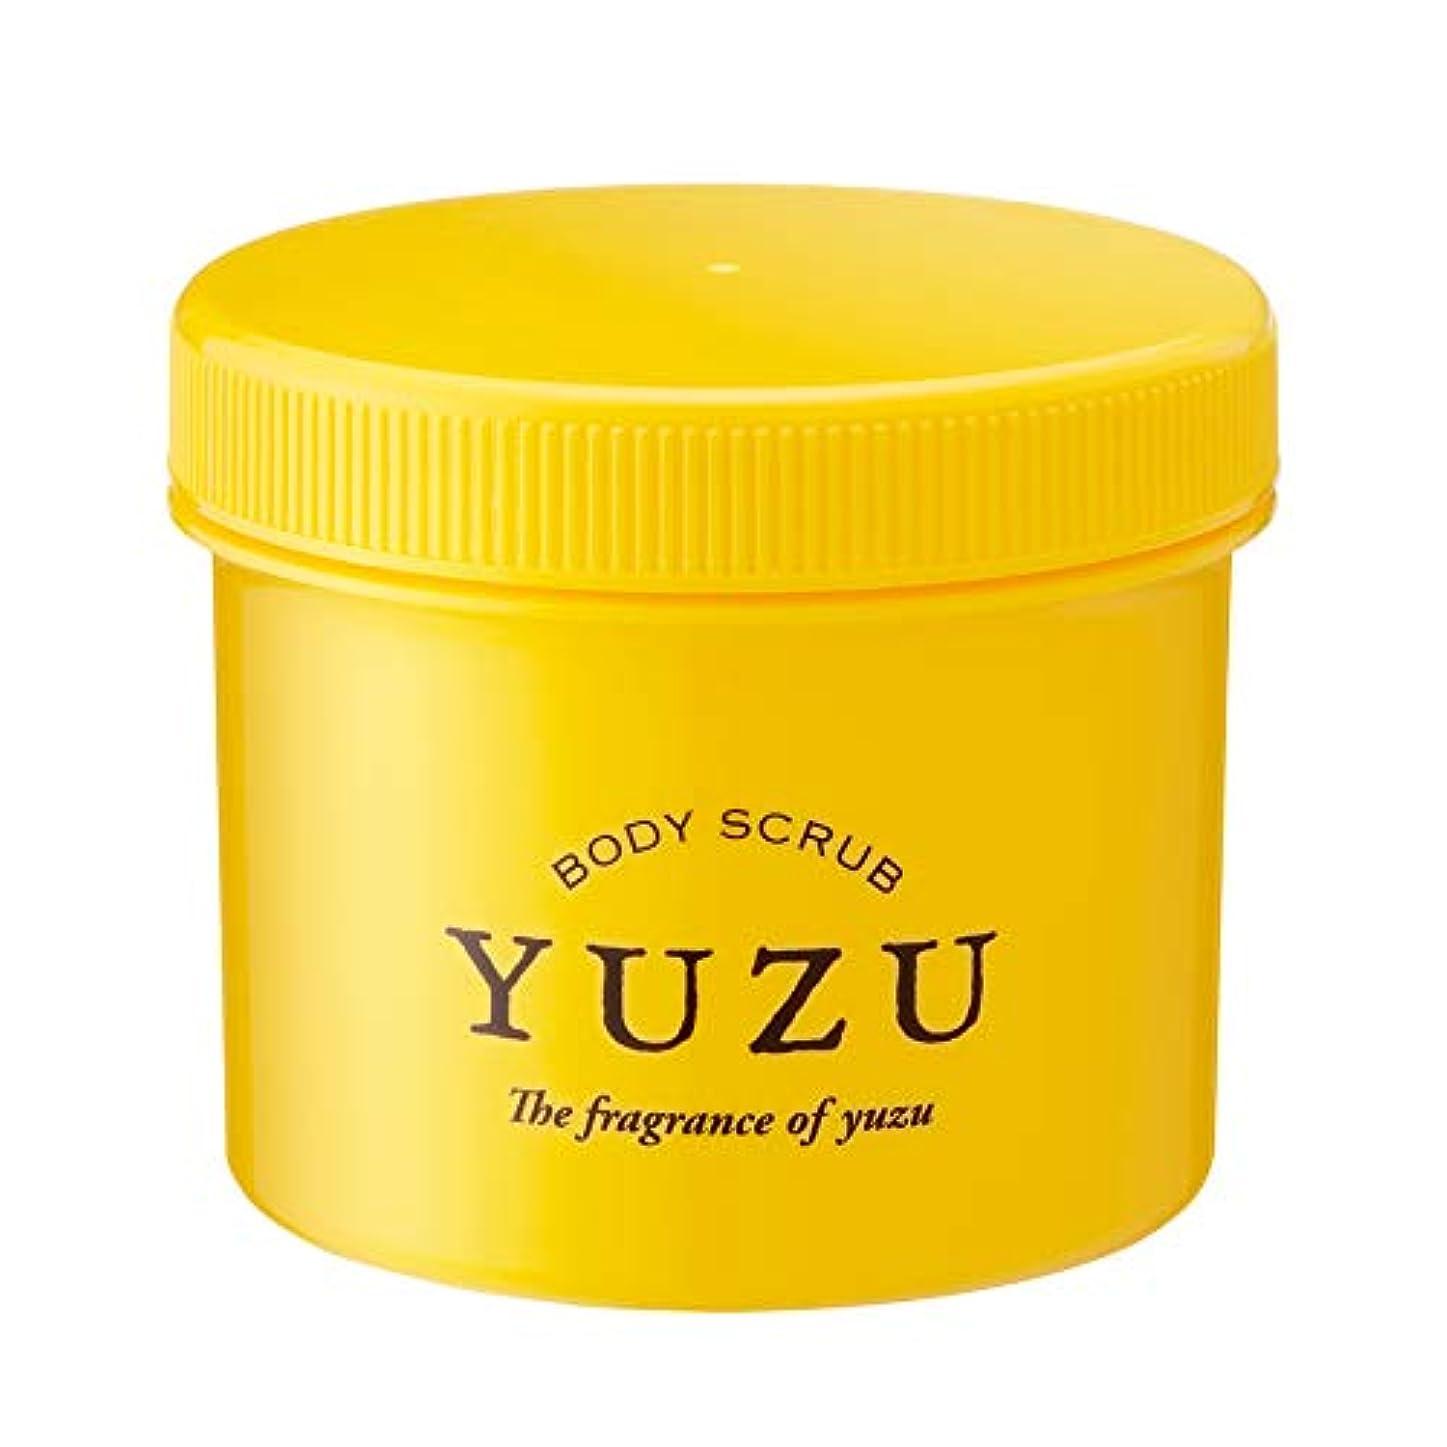 野生アイザック胚芽(美健)ビケン YUZU ボディマッサージスクラブ 高知県ゆず精油のみで香り付け